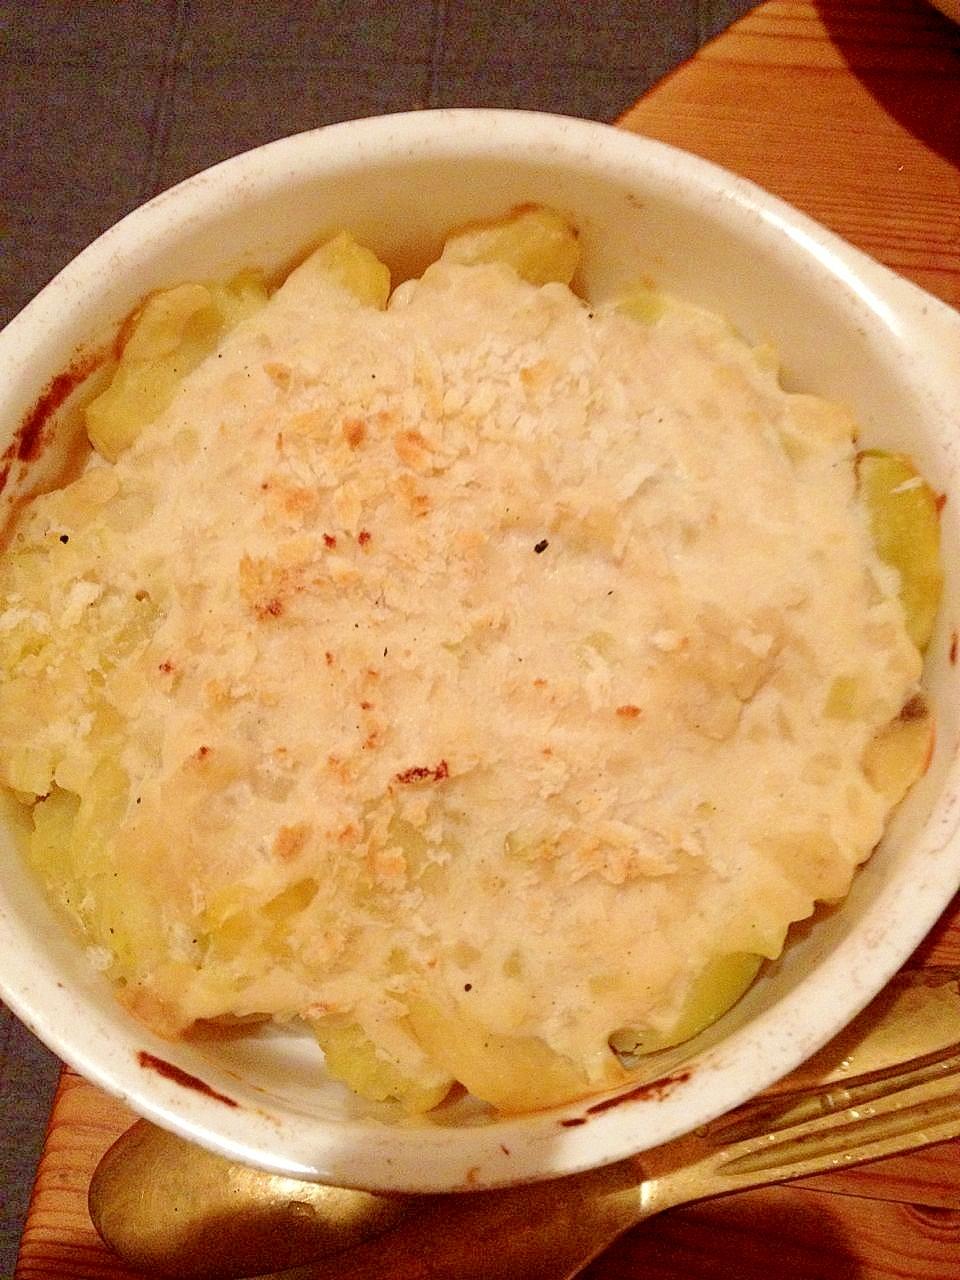 じゃがいもだけのシンプル豆乳グラタン レシピ・作り方 by macman3737|楽天レシピ